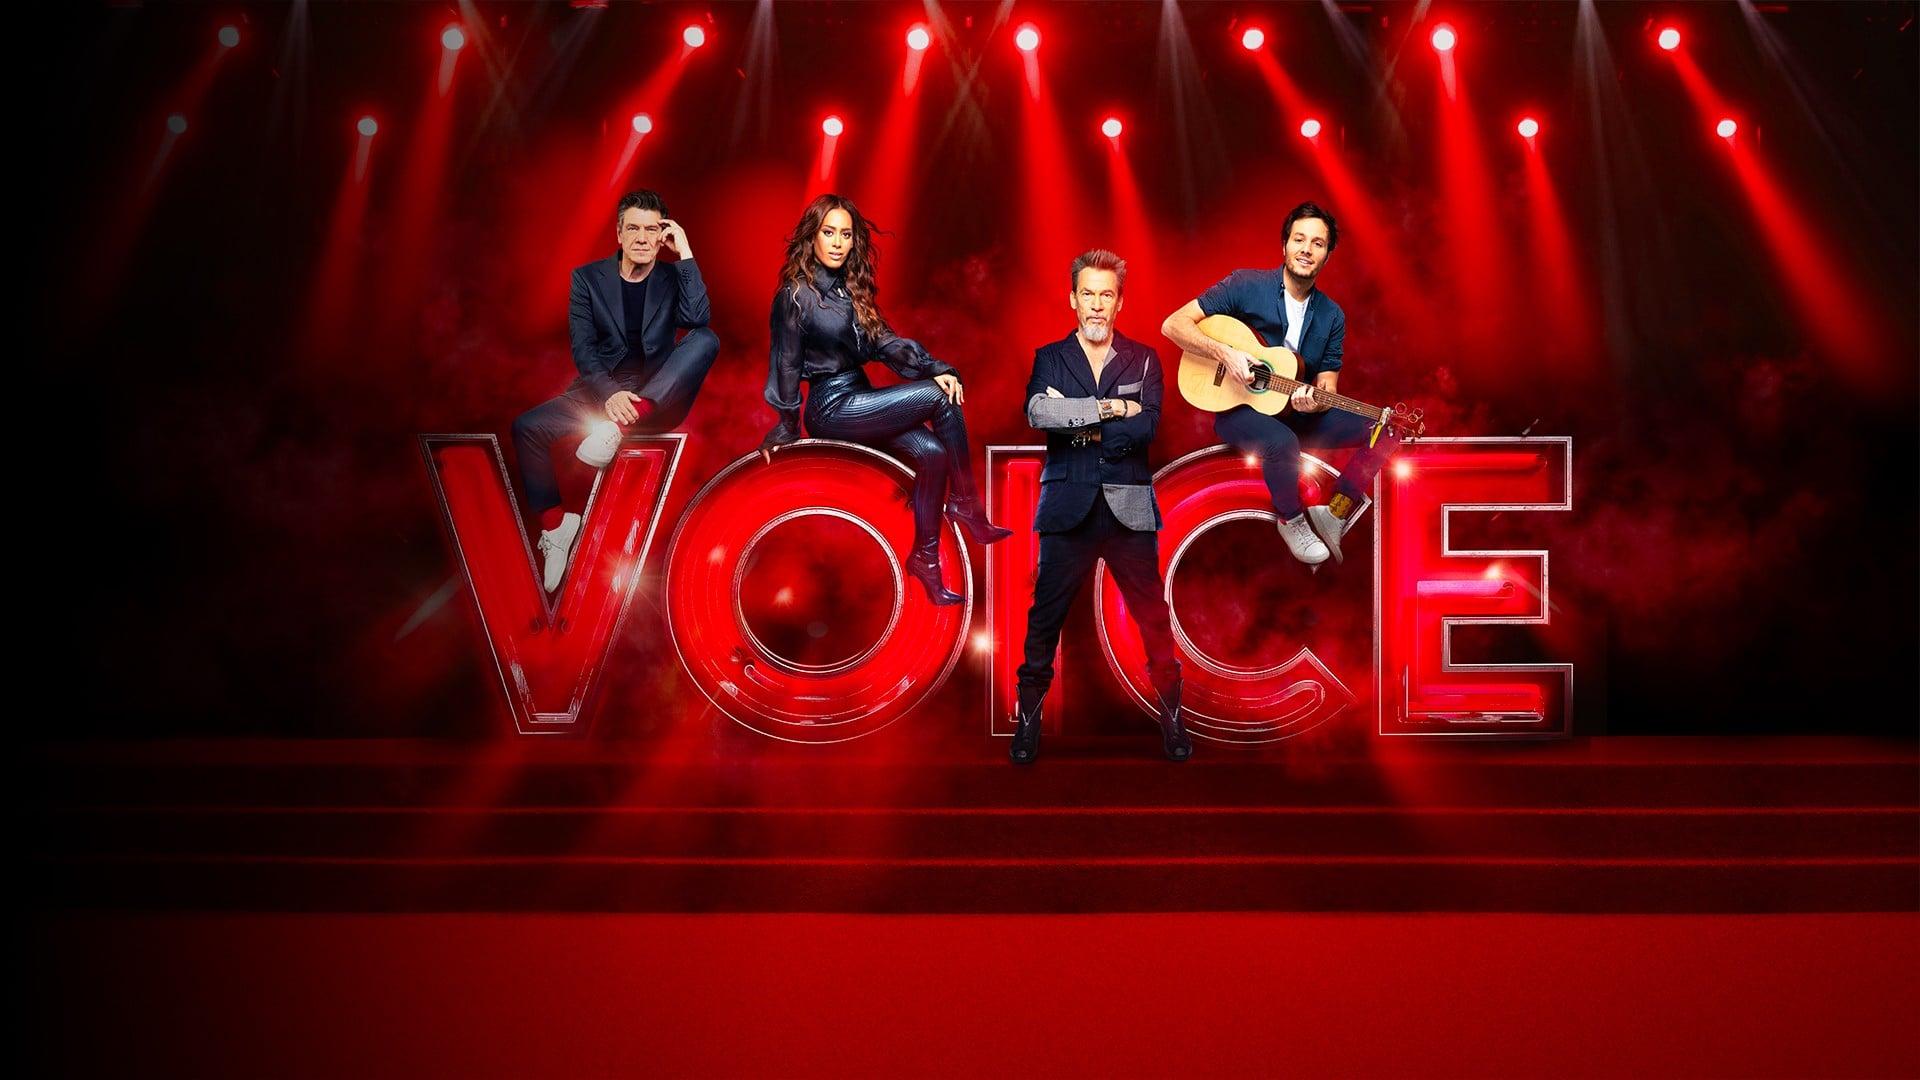 nouveautés The Voice 2021 sur TF1